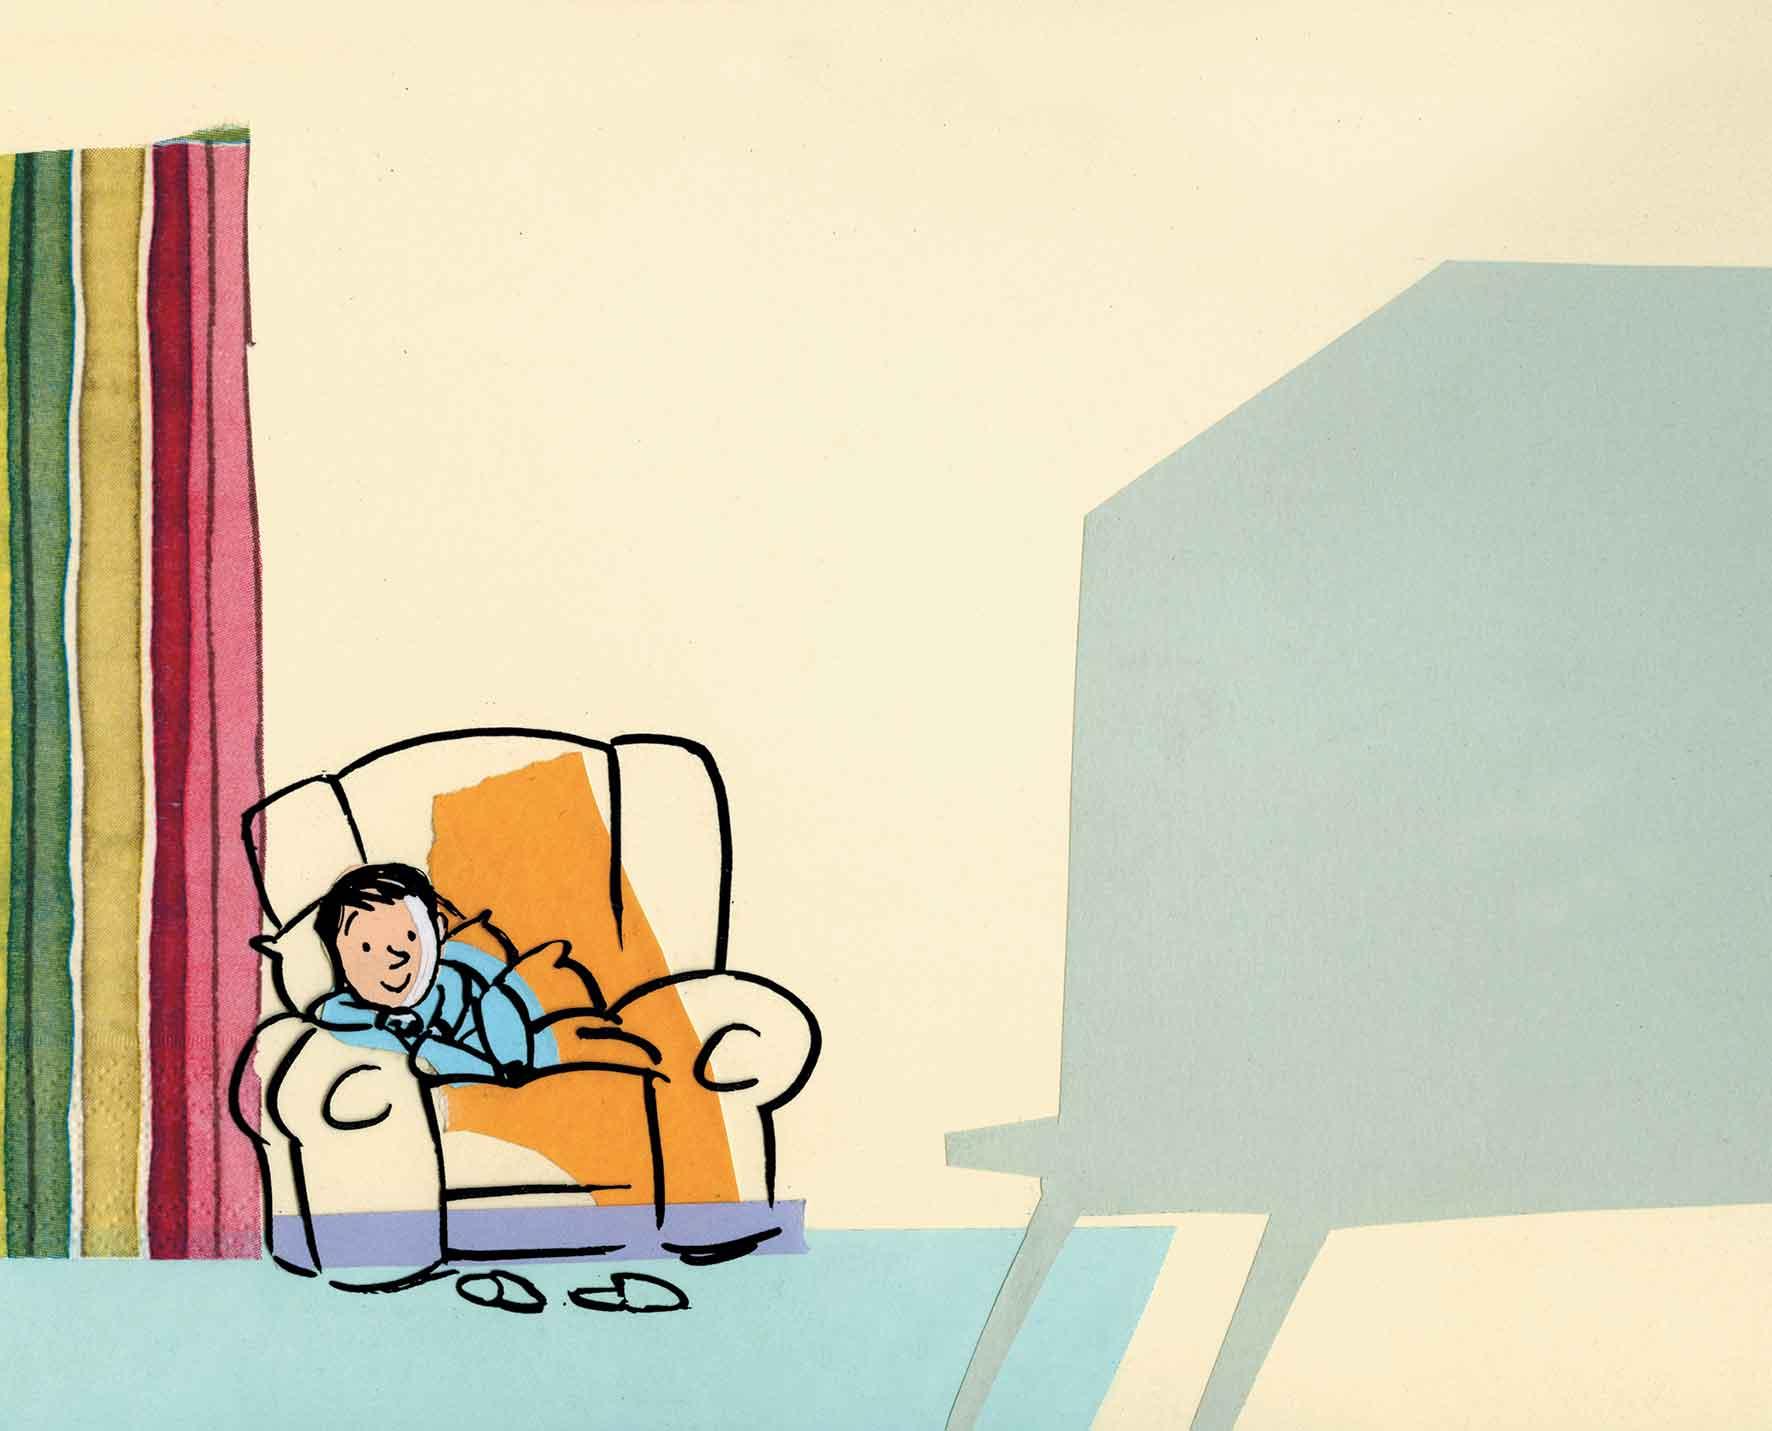 Roncaglia, La televisione prepotente, libro illustrato per bambini, Interlinea edizioni